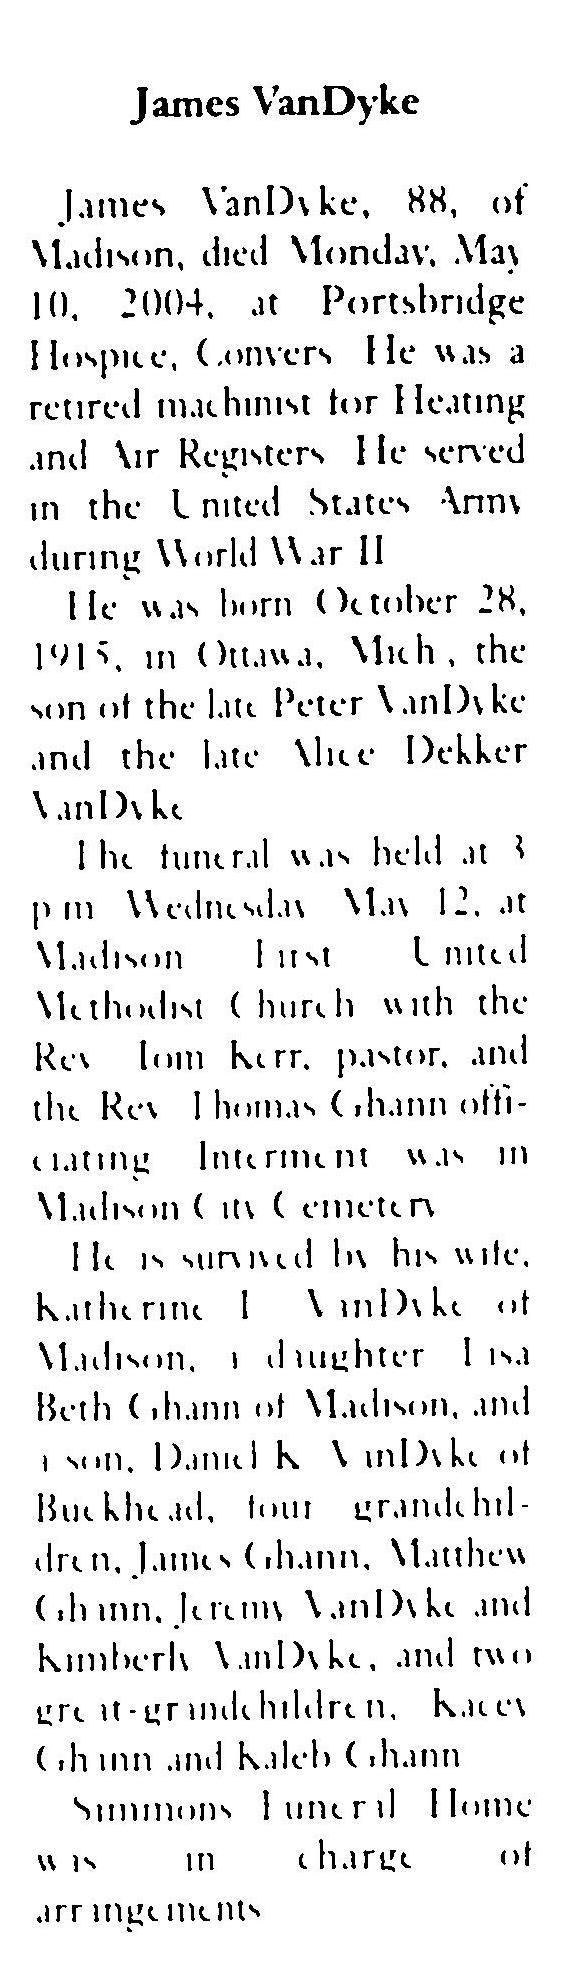 van dyke_james_2004-obituary.jpeg